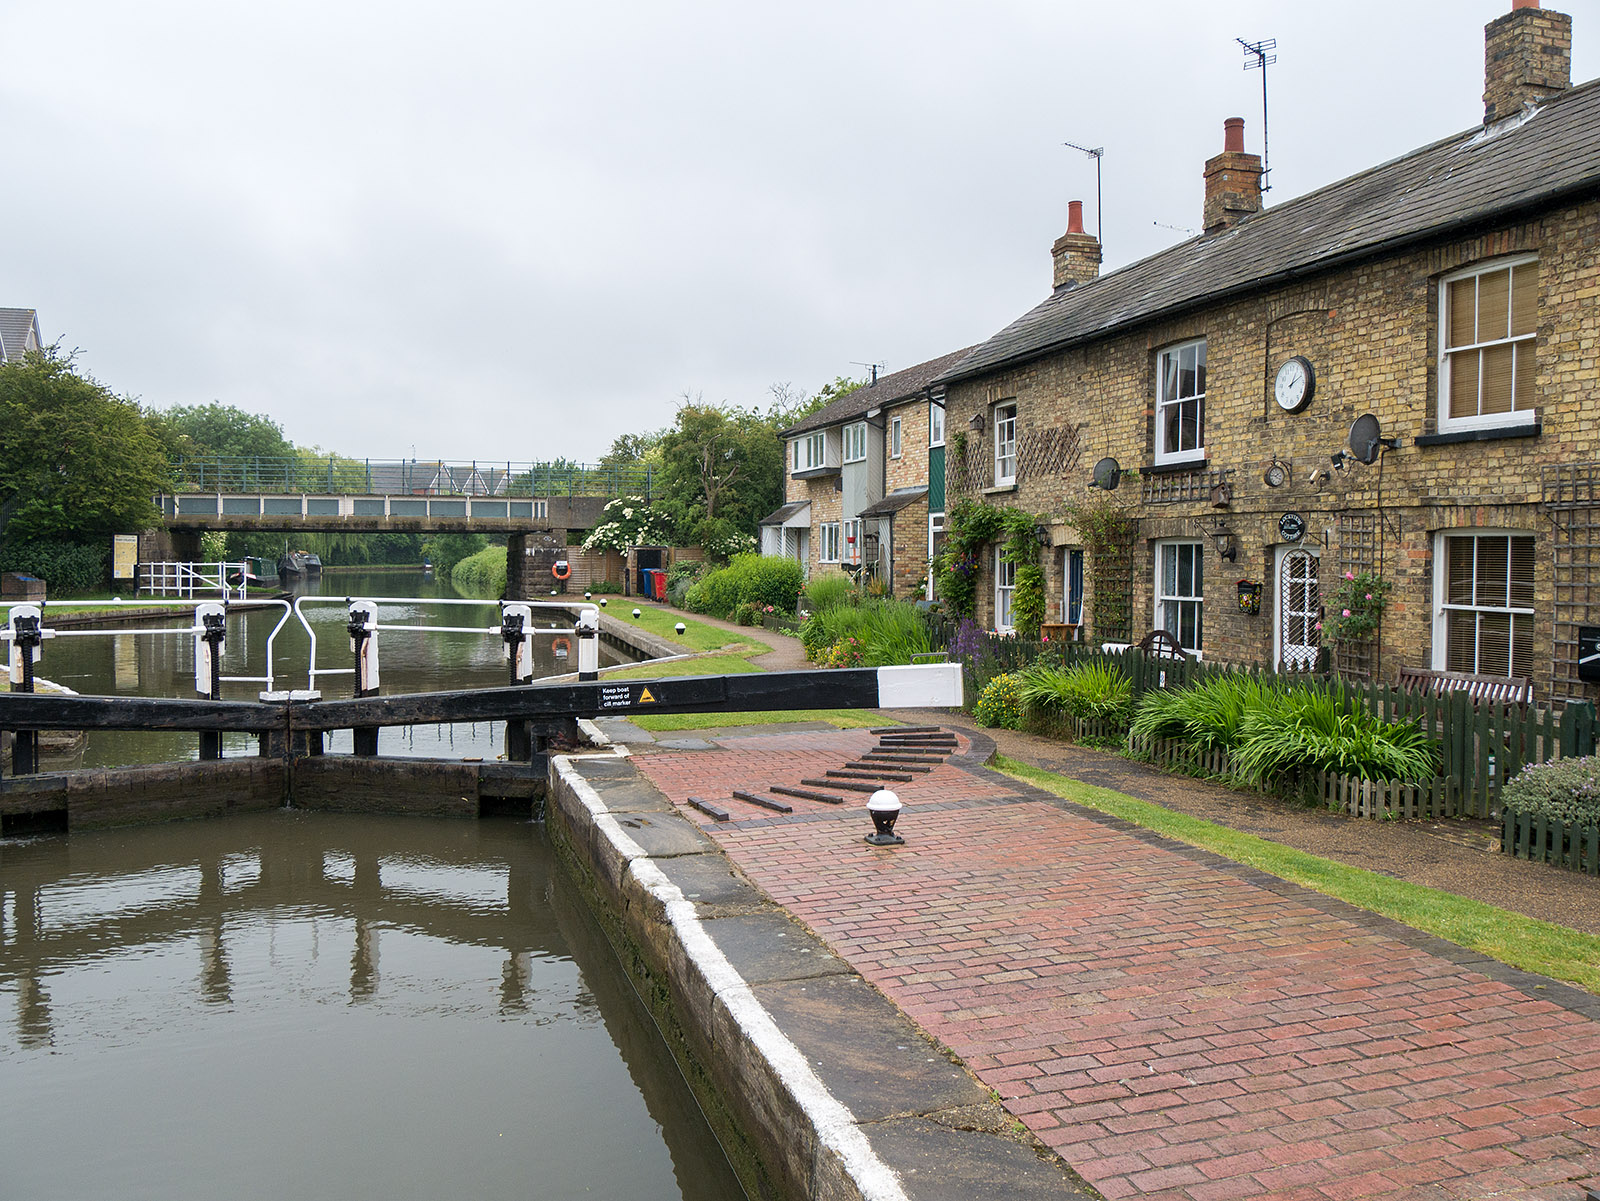 The lock at Fenny Stratford